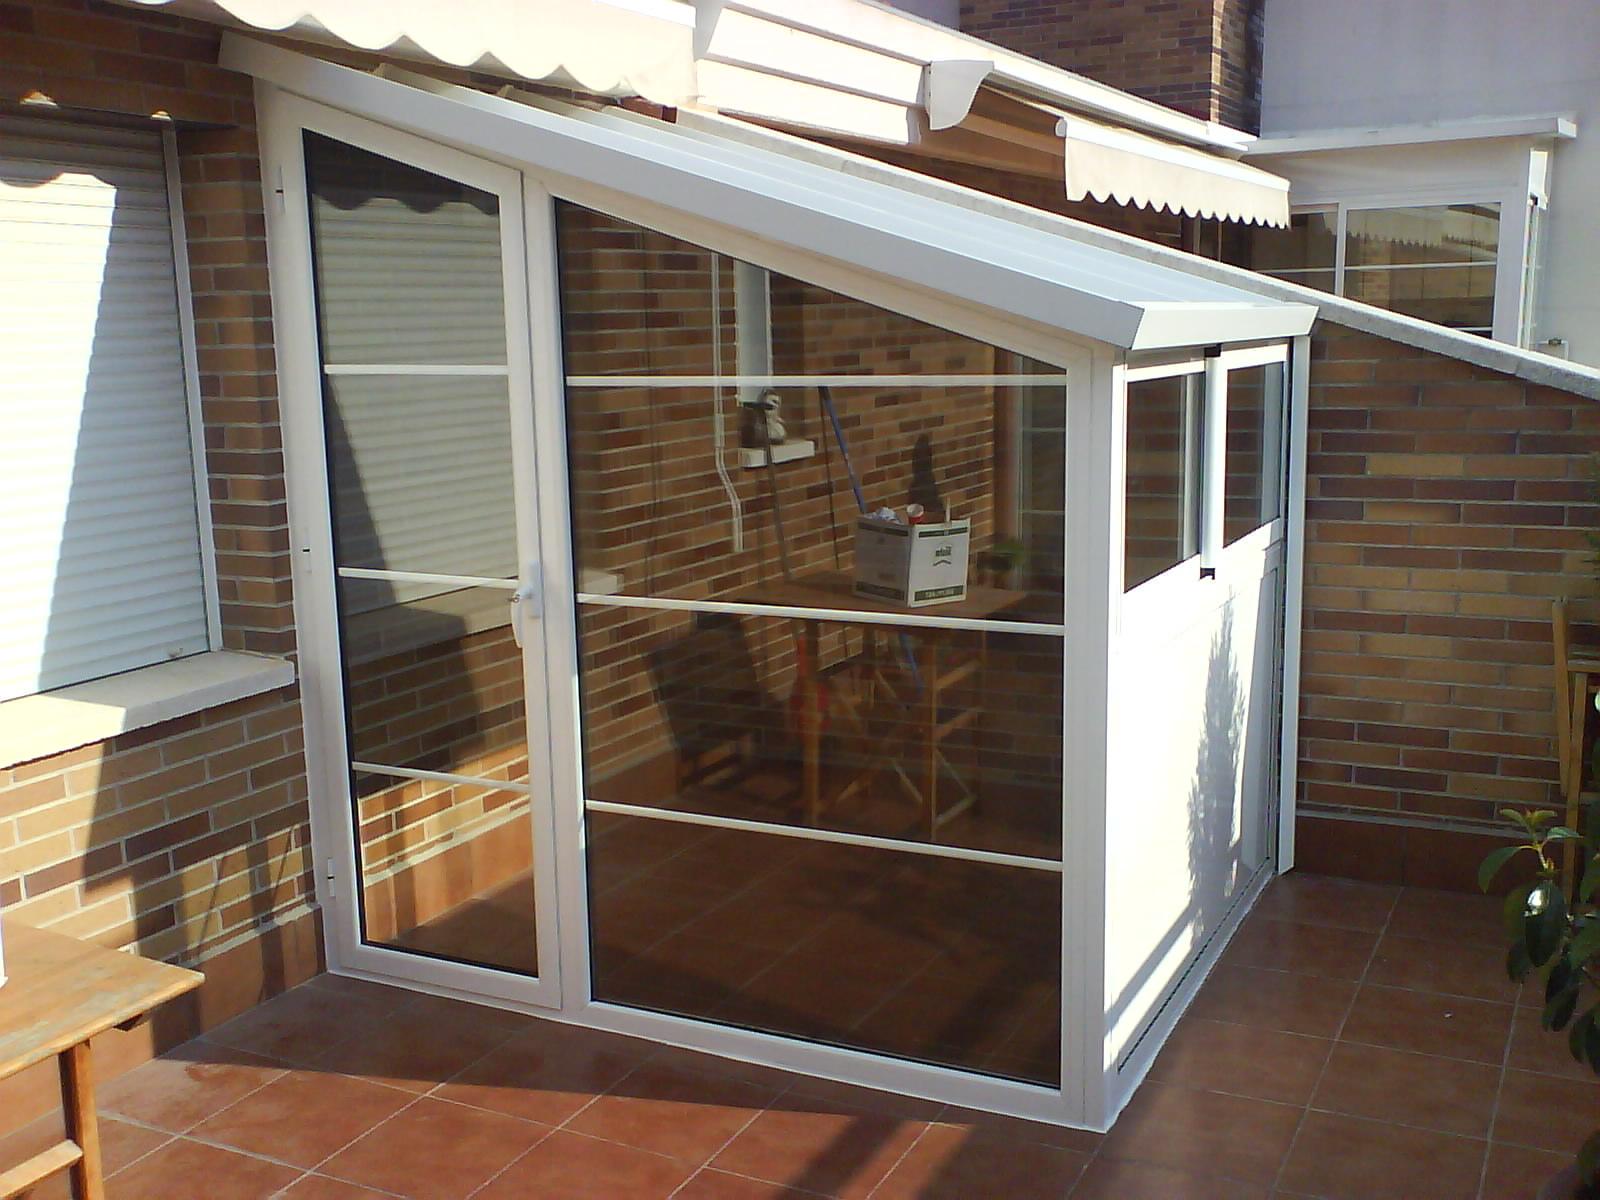 Cerramiento de aluminio tipo caseta de exterior terraza en - Tipo de madera para exterior ...